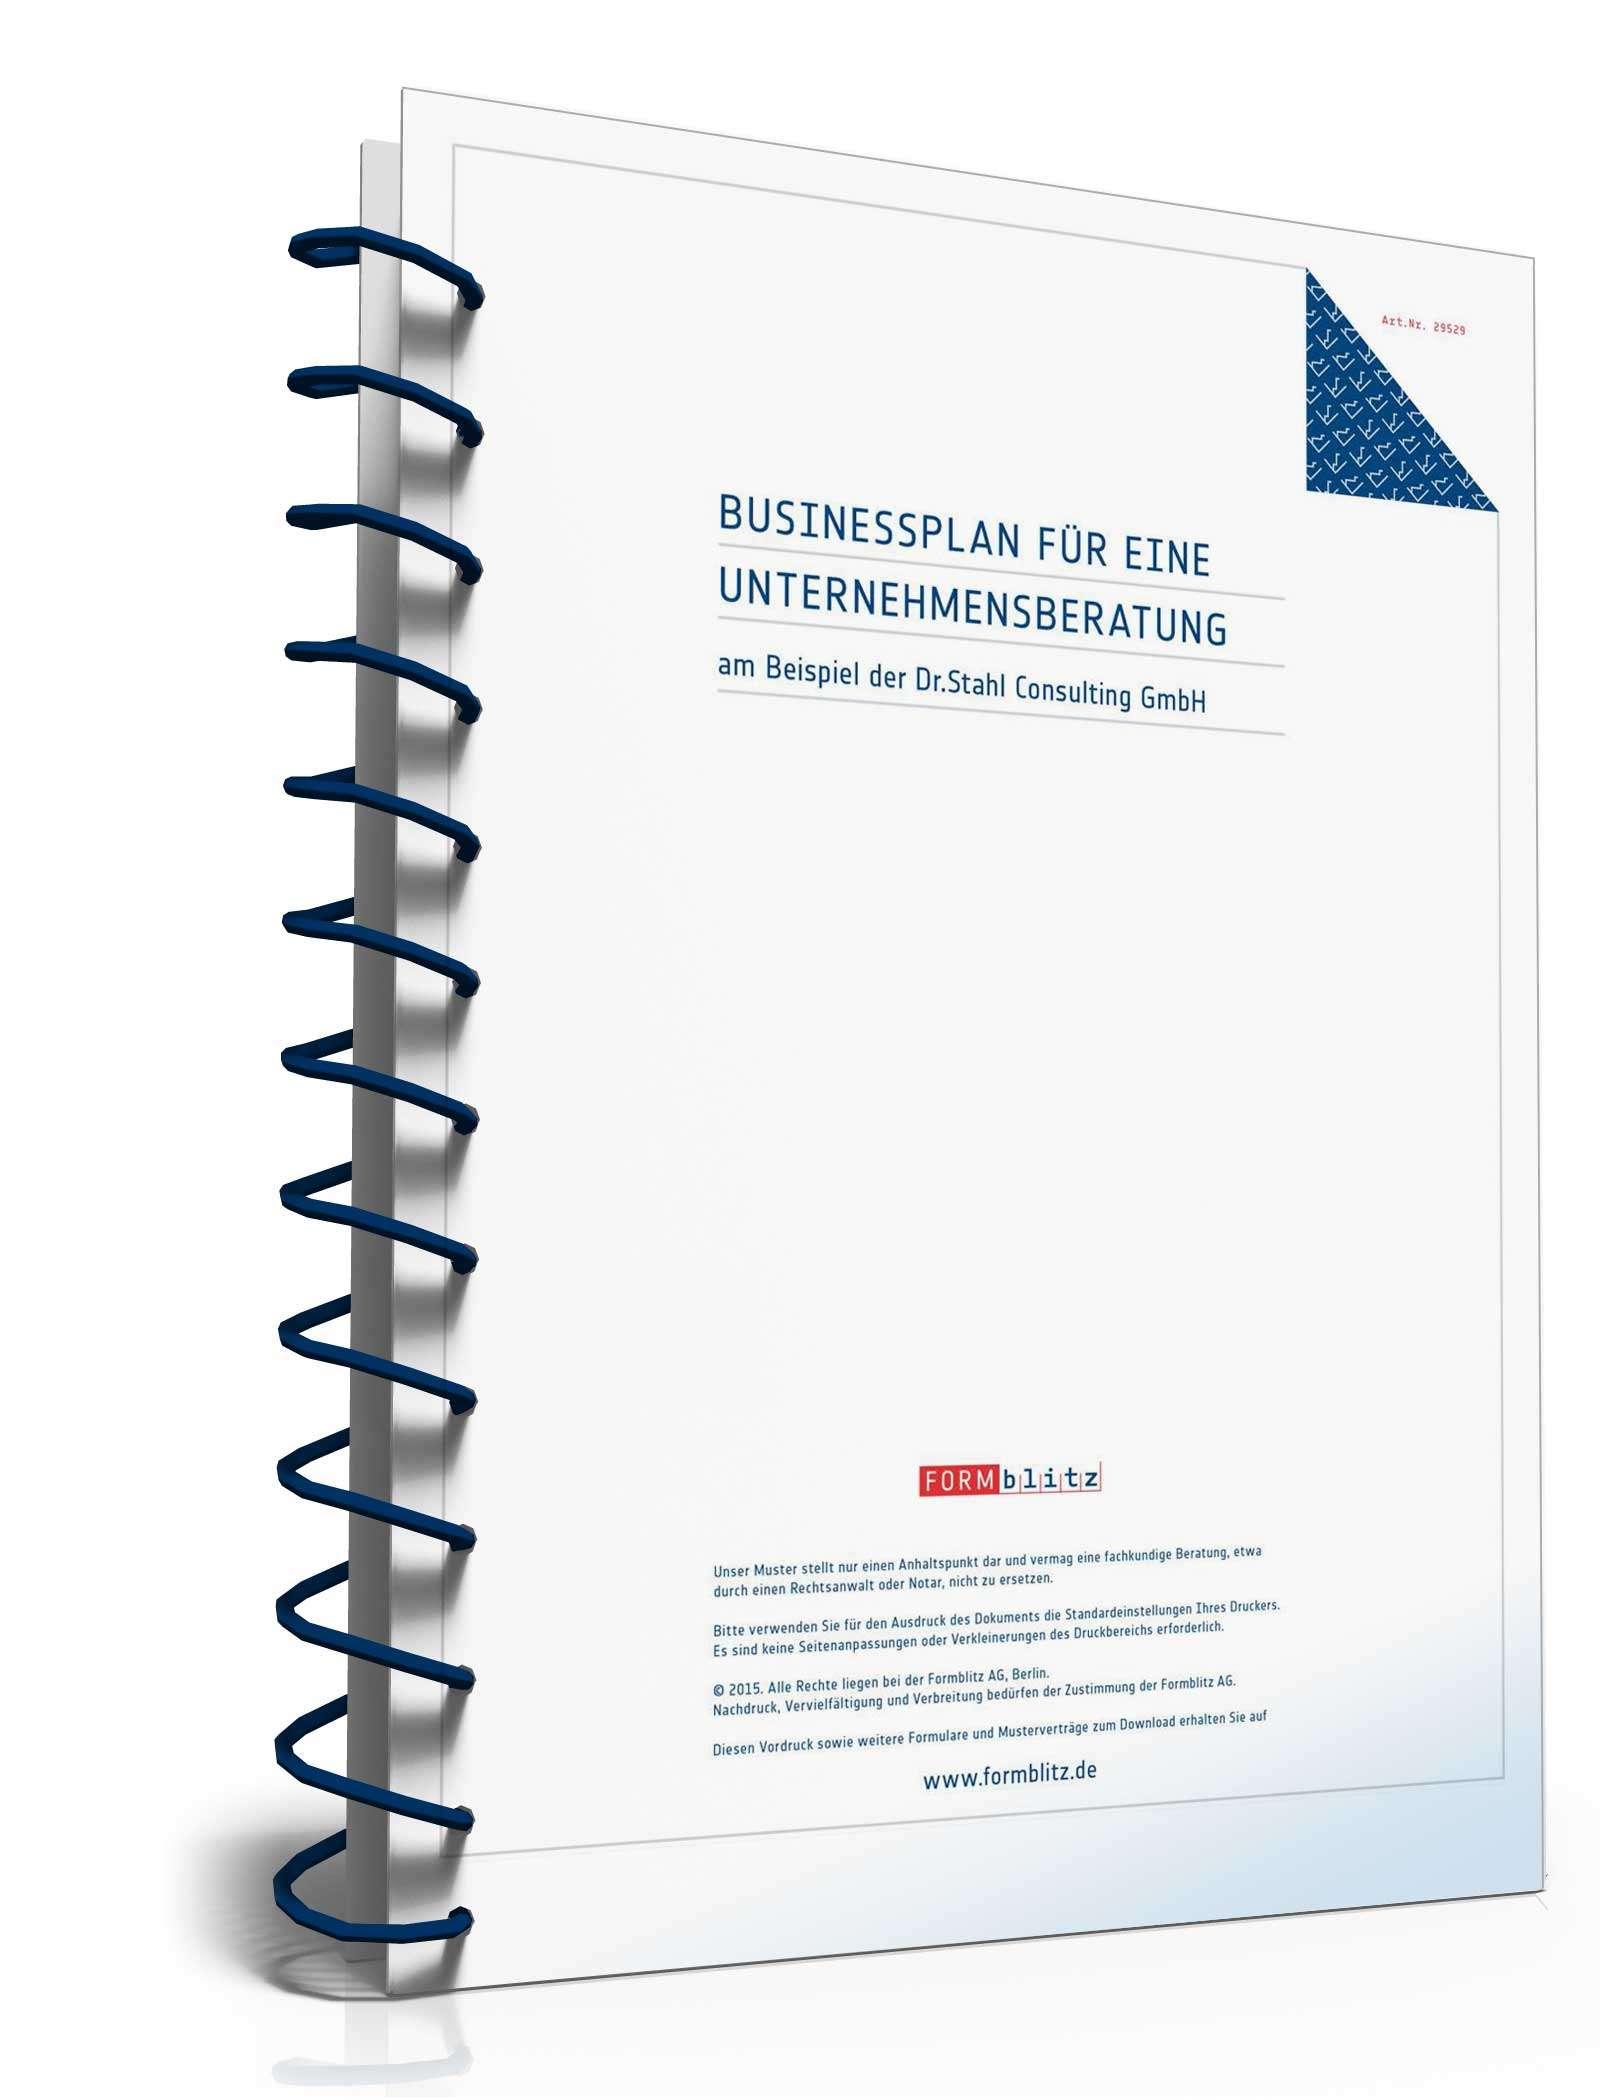 Geliebte Businessplan Unternehmensberatung | Muster zum Download #DQ_88